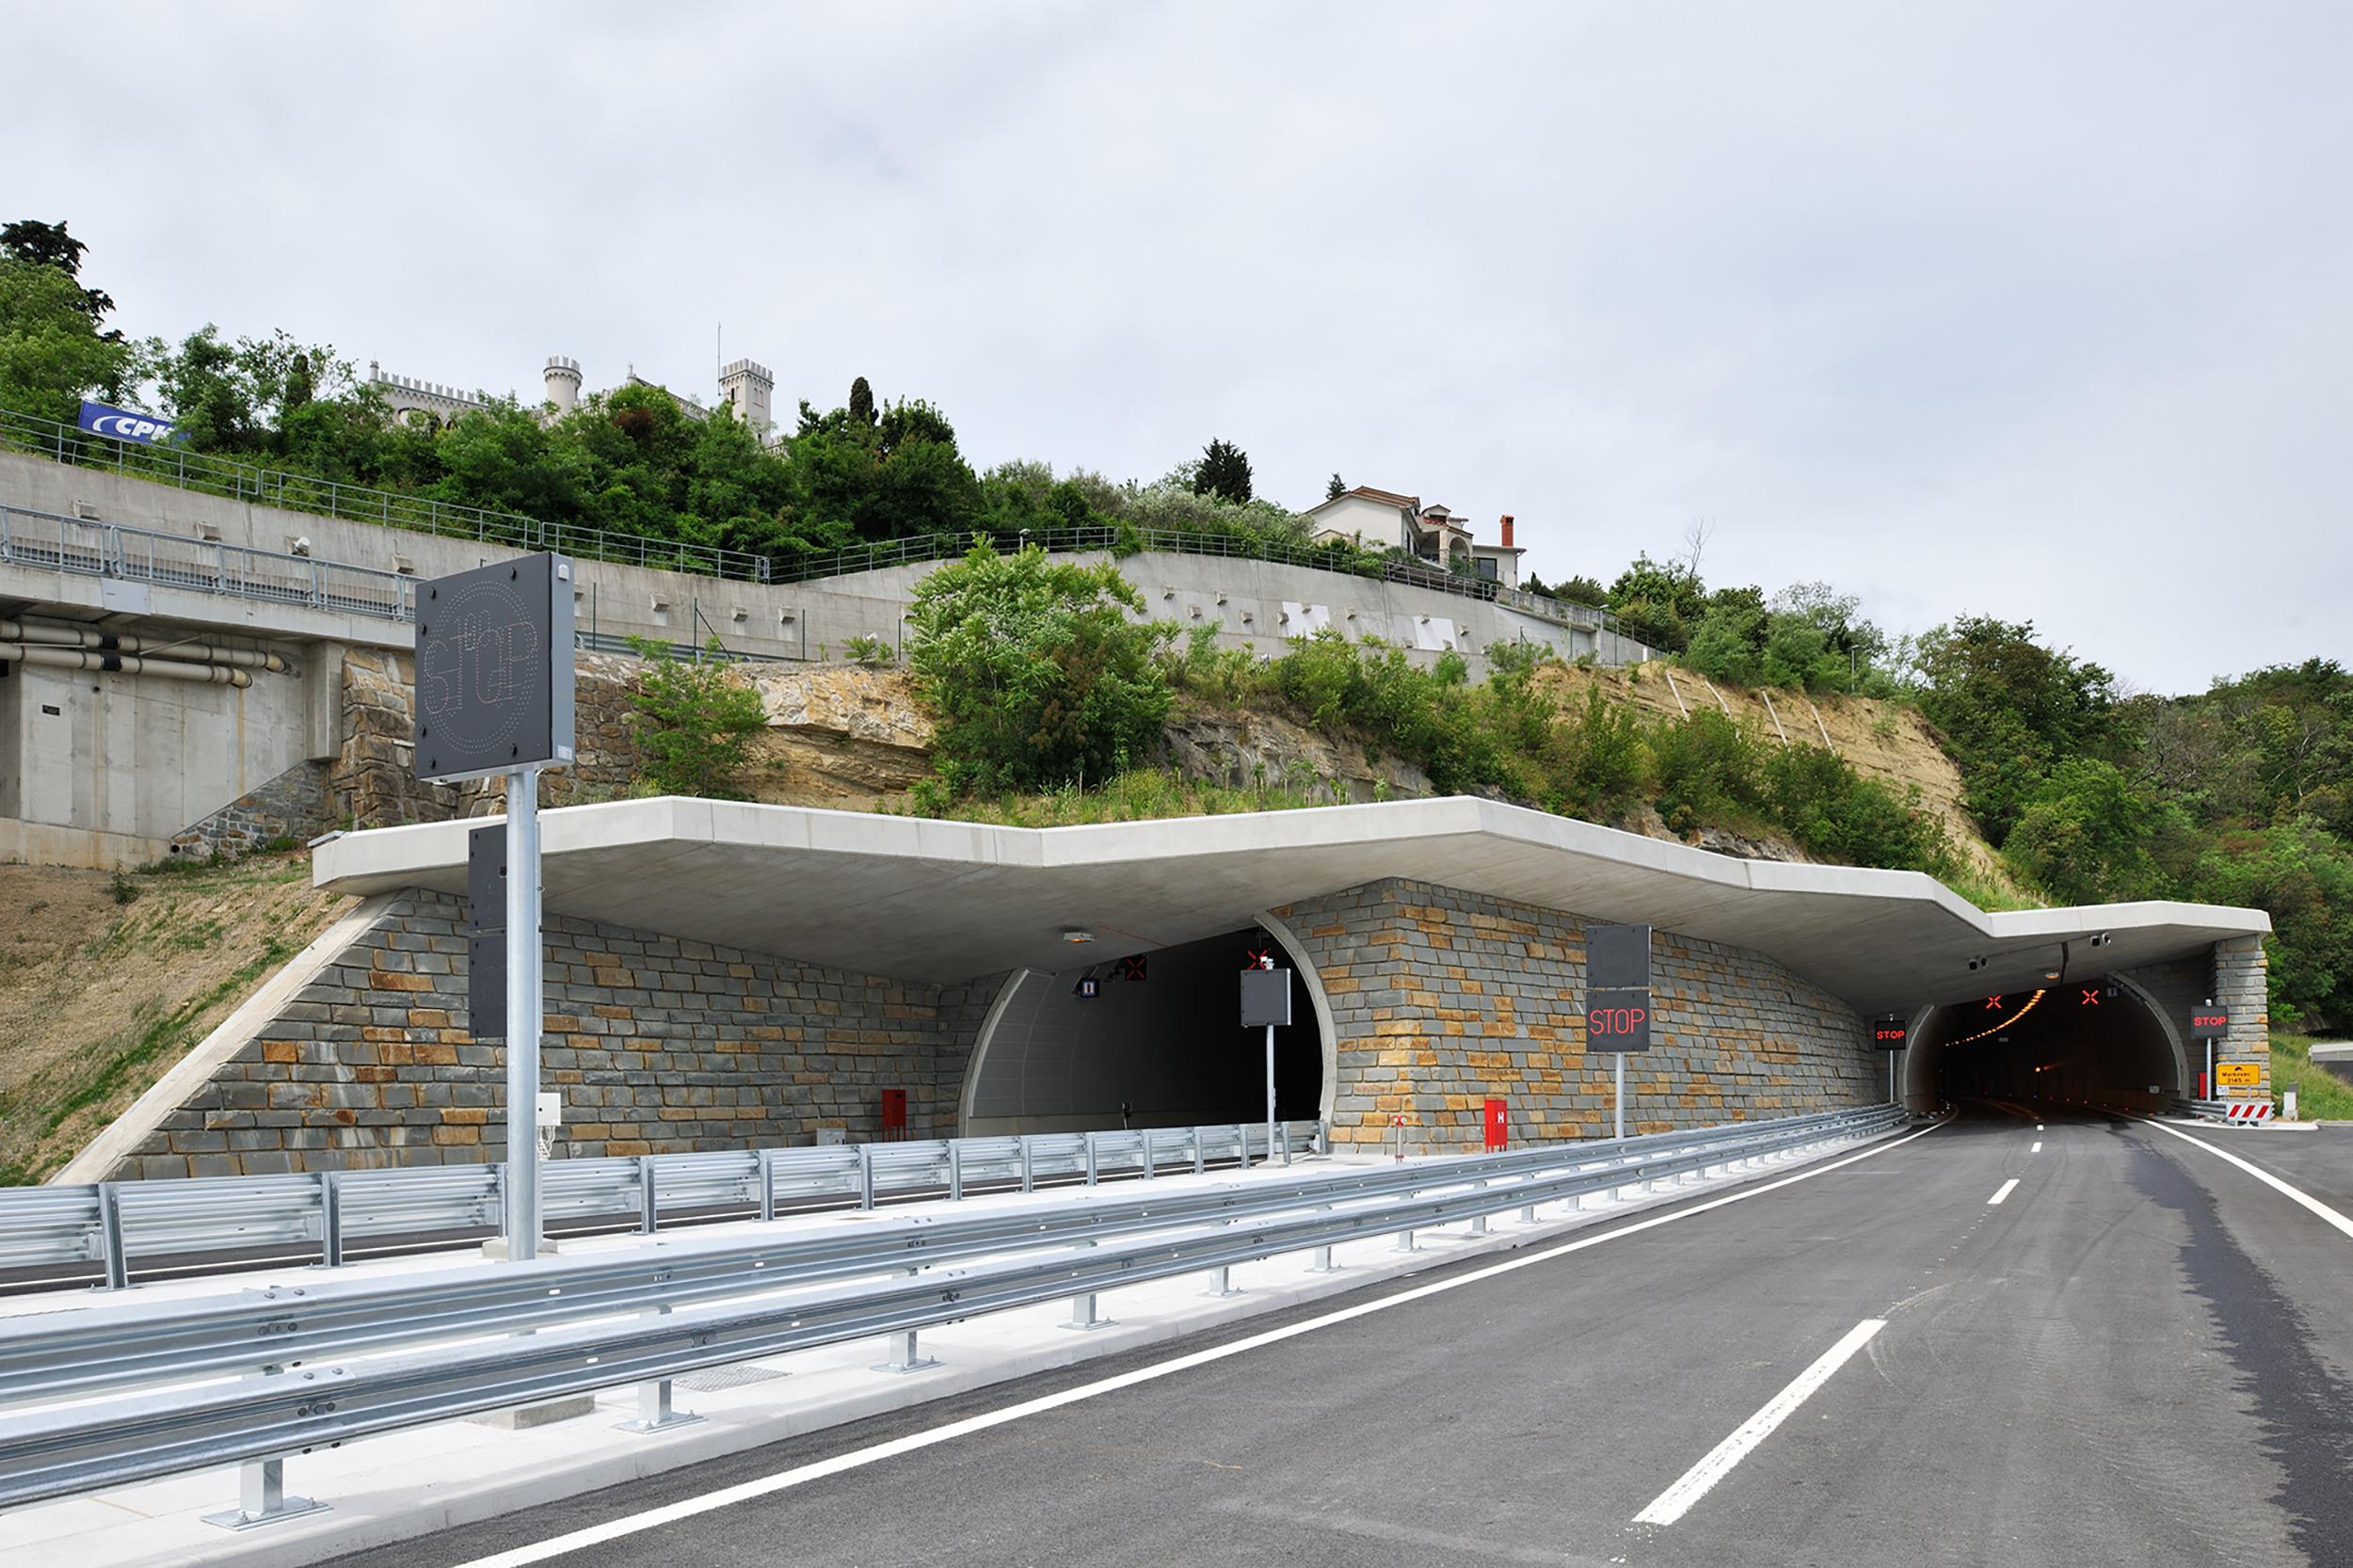 bruto markovec koper izola portal tunnel predor